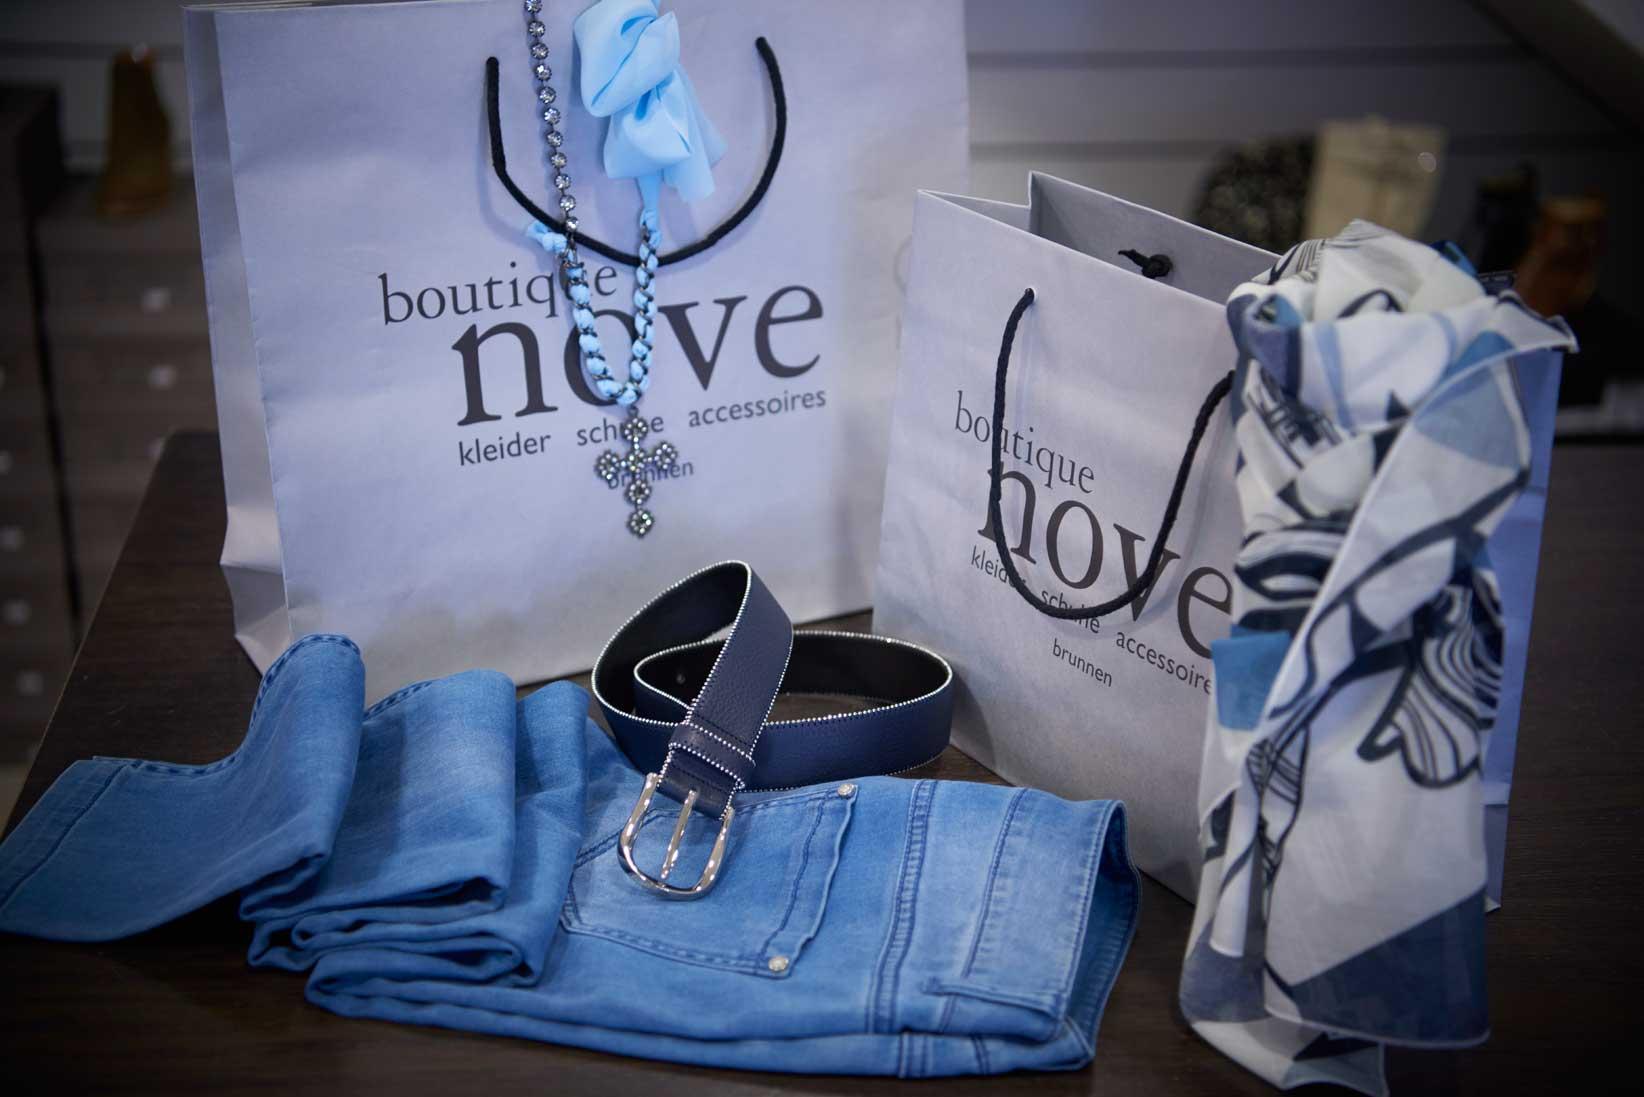 boutique nove - kompetente Modeberatung für Frauen mit Stil